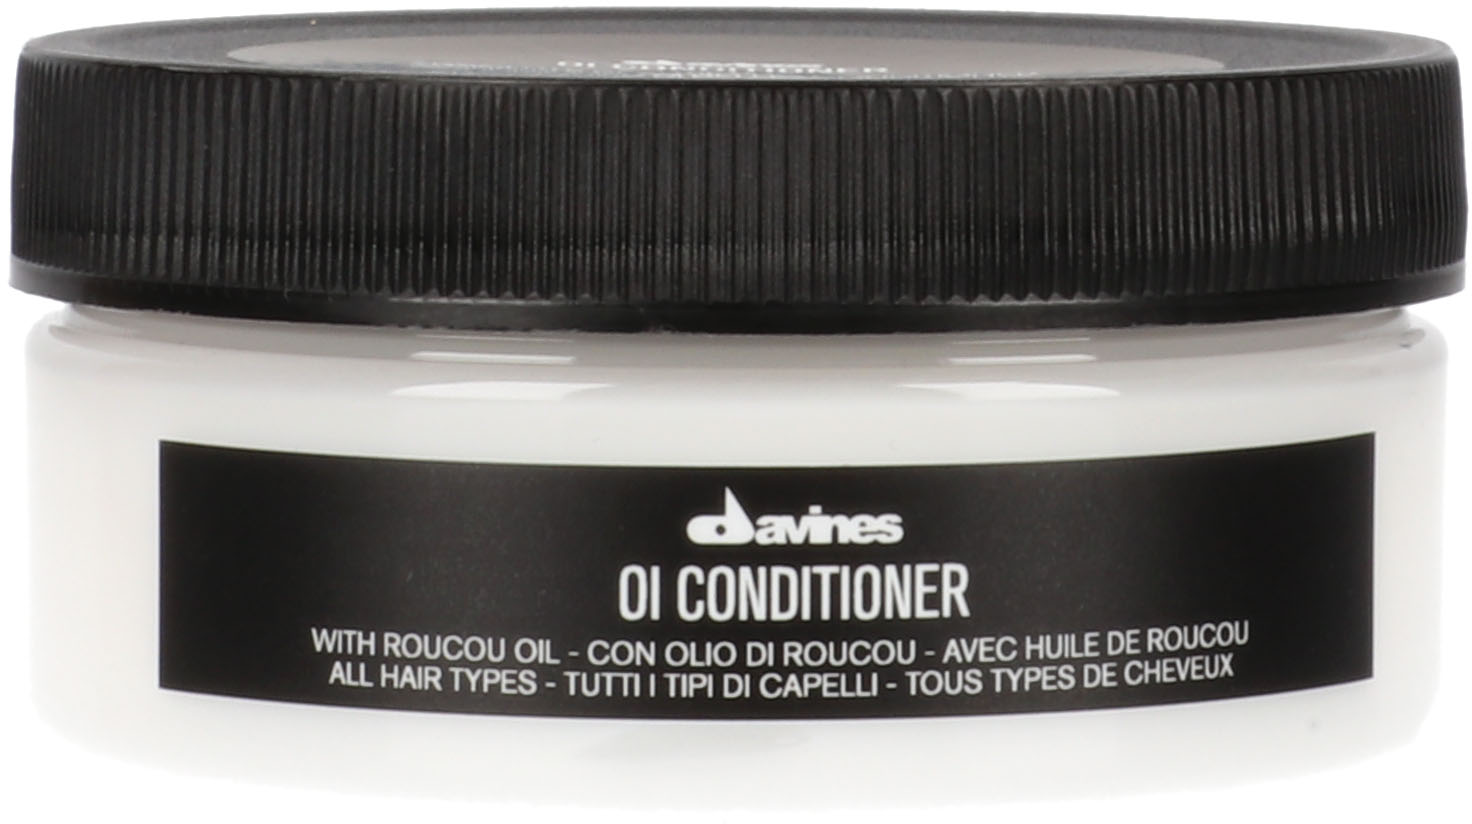 Davines OI Conditioner 75 ml DV-323374